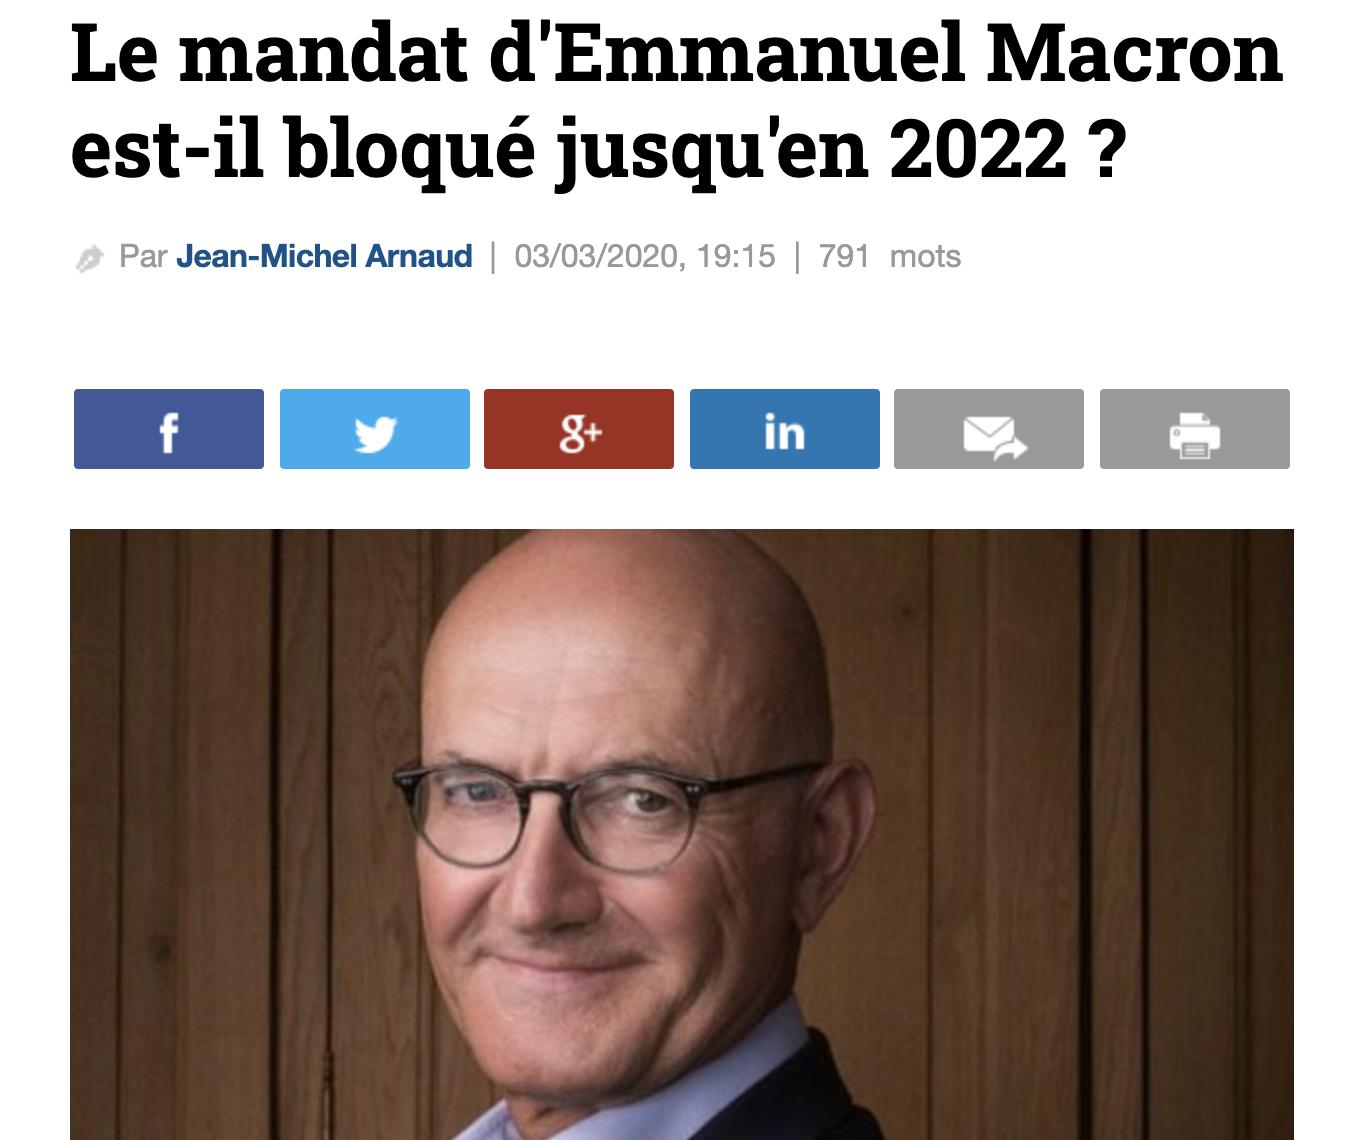 Le mandat d'Emmanuel Macron est-il bloqué jusqu'en 2022 ?